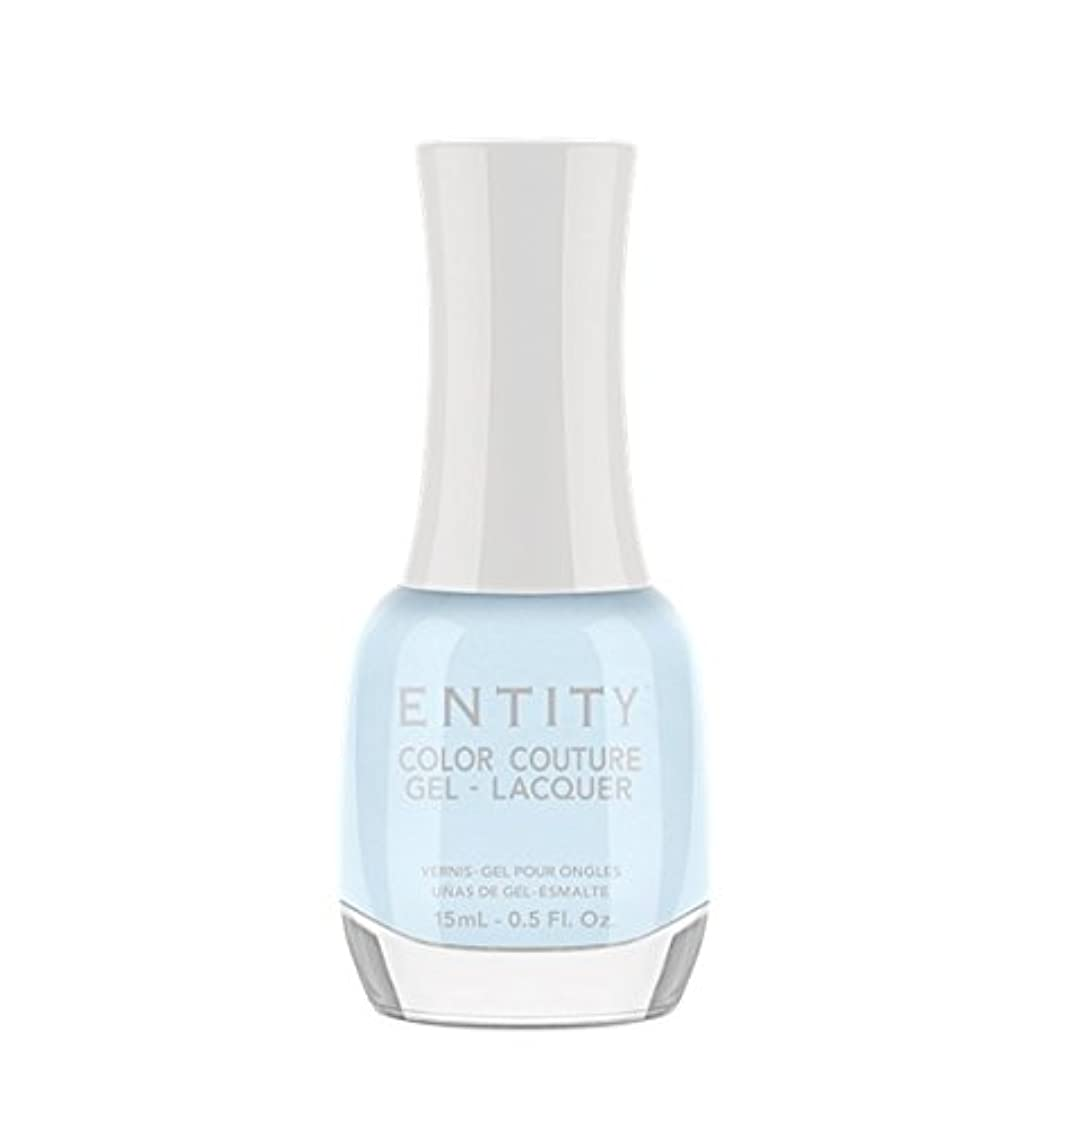 スポットテニス意識Entity Color Couture Gel-Lacquer - Delicates - 15 ml/0.5 oz